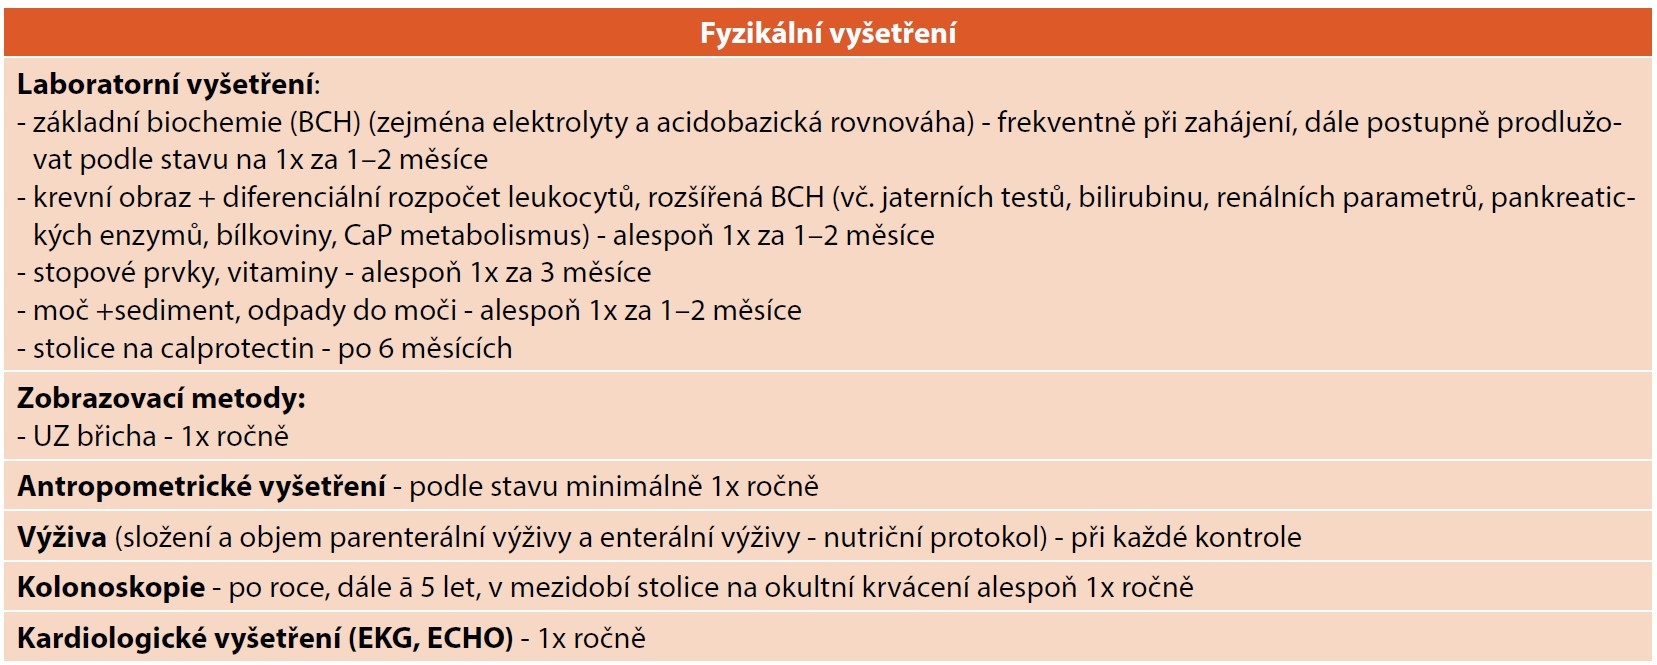 Vyšetření doporučená v průběhu sledování pacientů na terapii teduglutidem.